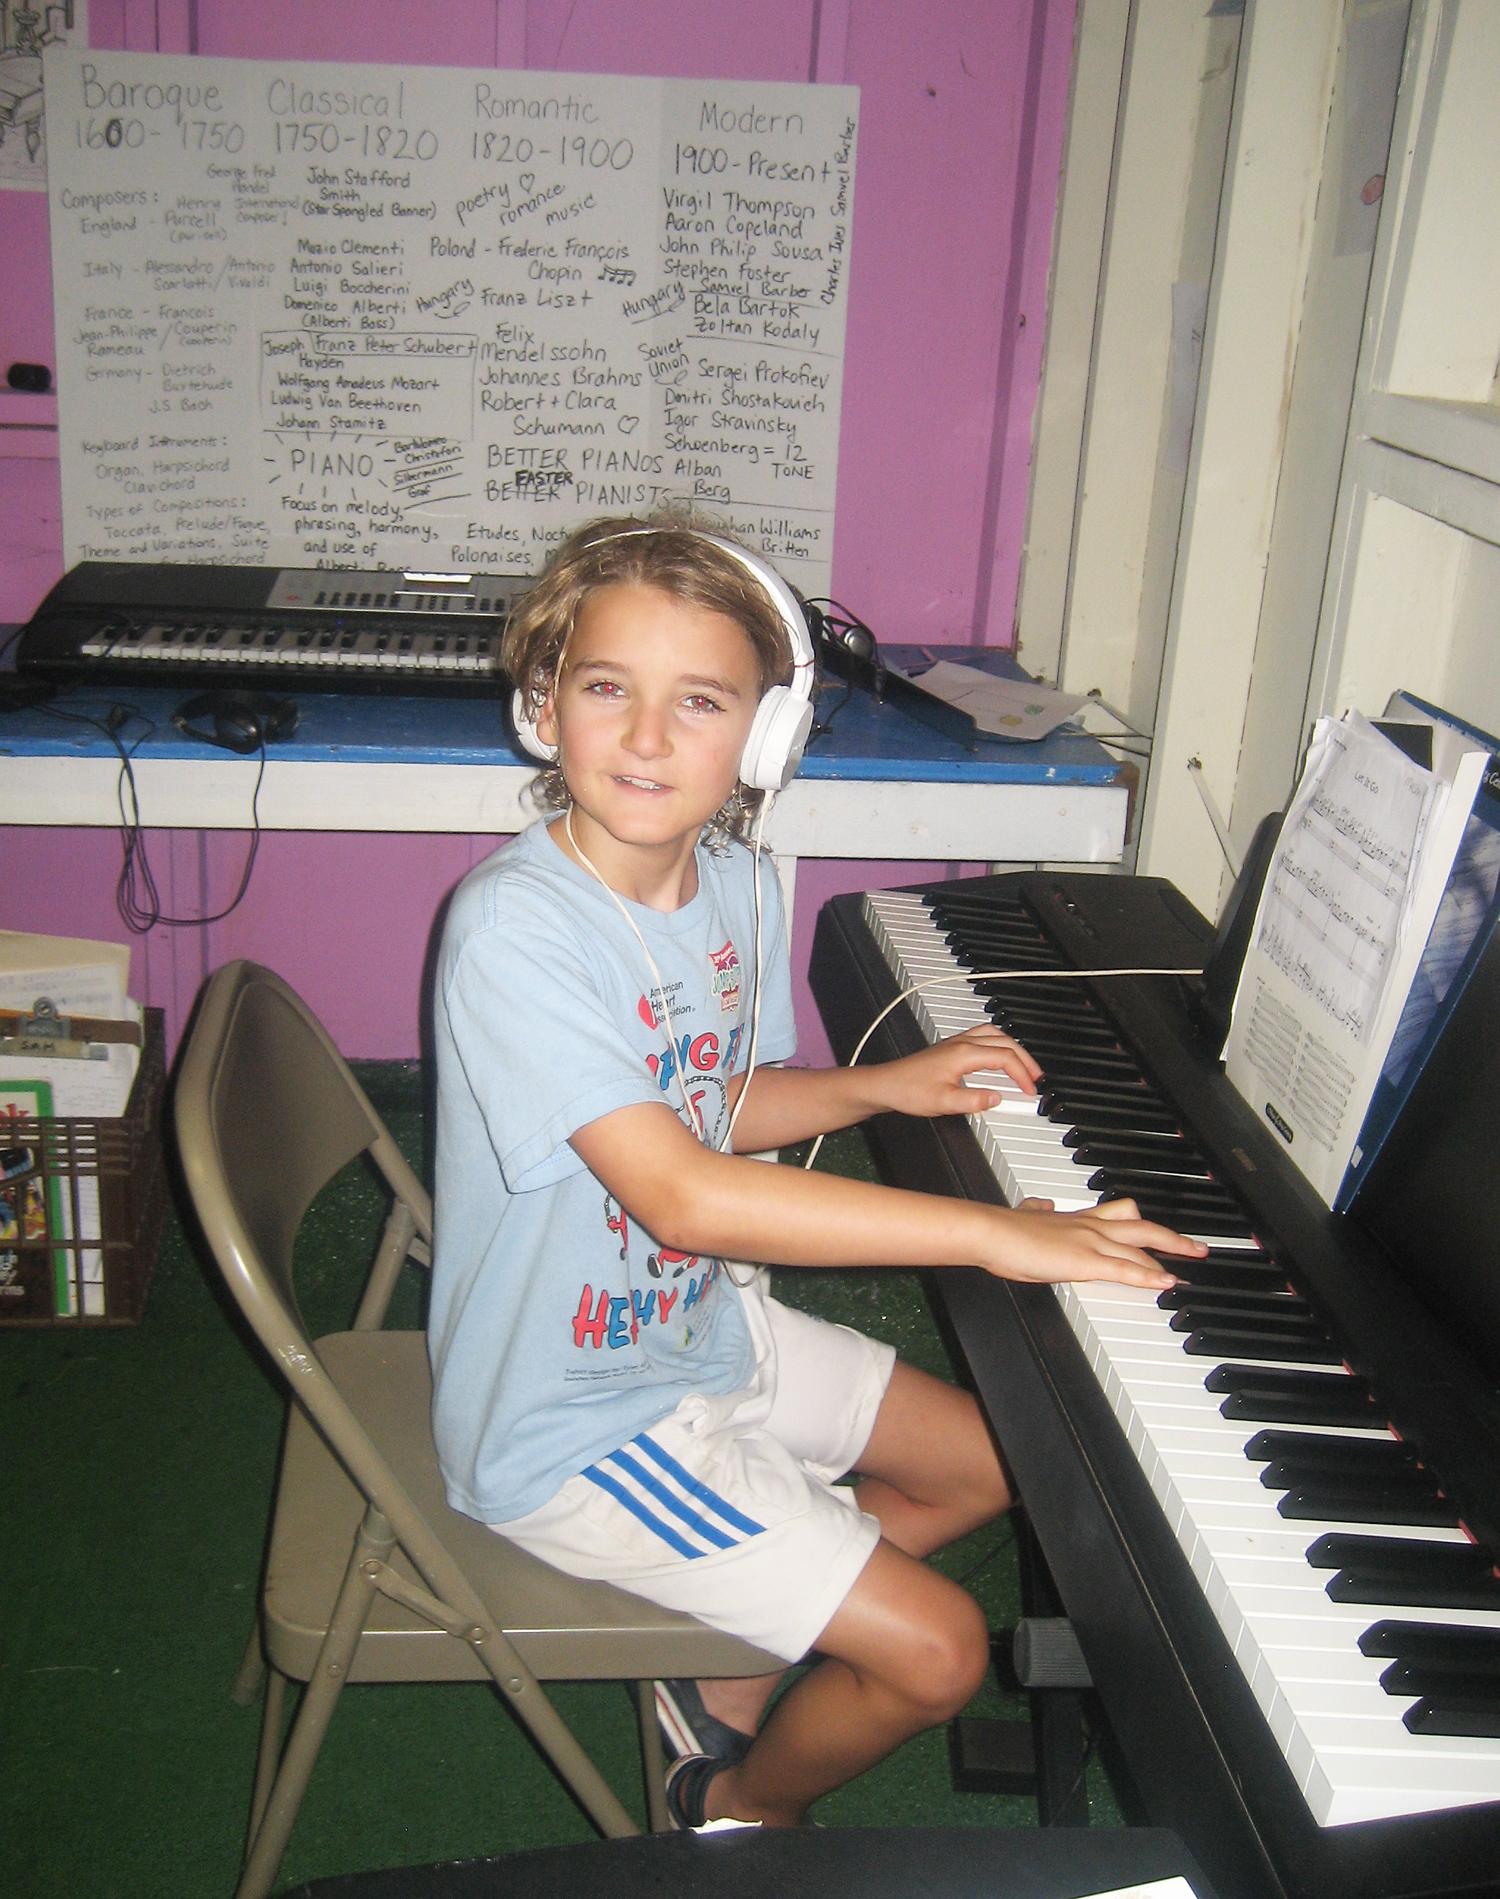 Music_PianoA_072715_IMG_9181.jpg